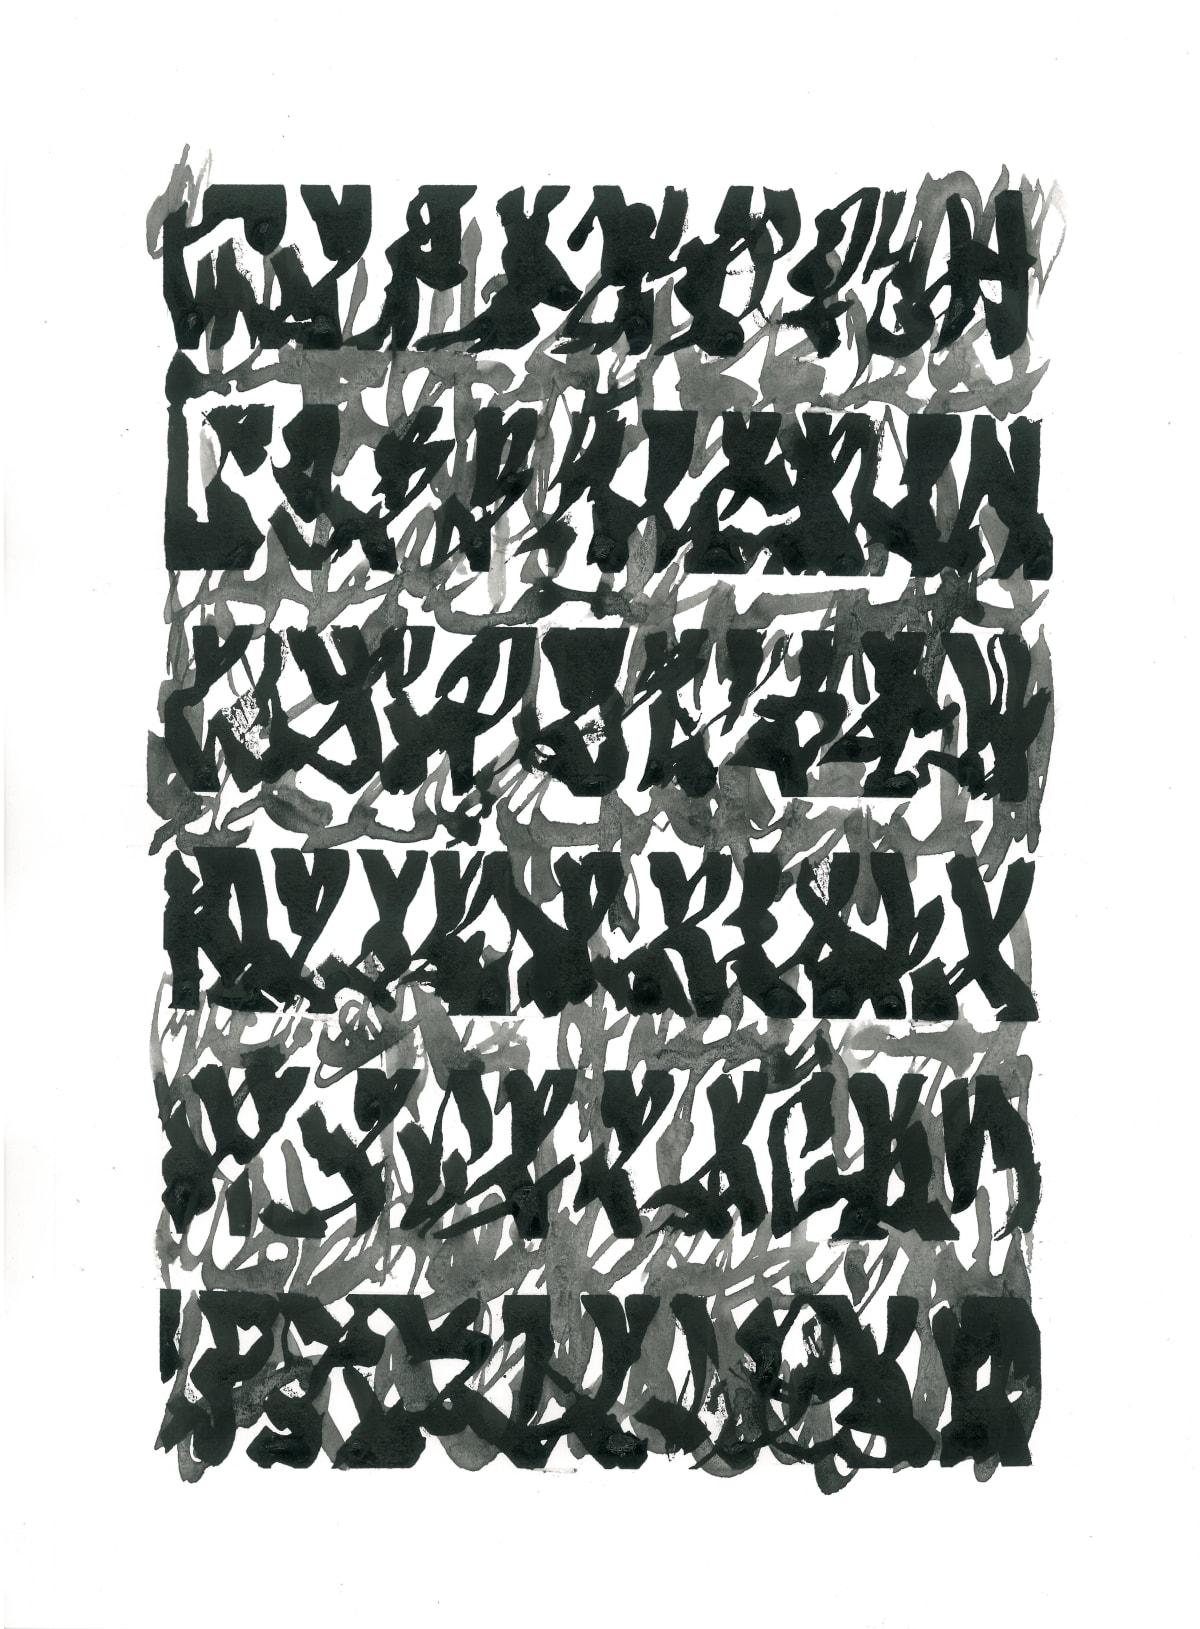 Mohammad Ali Talpur b. 1976Untitled (5), 2020 Ink on paper 37.5 x 27.5 cm 14 3/4 x 10 7/8 in